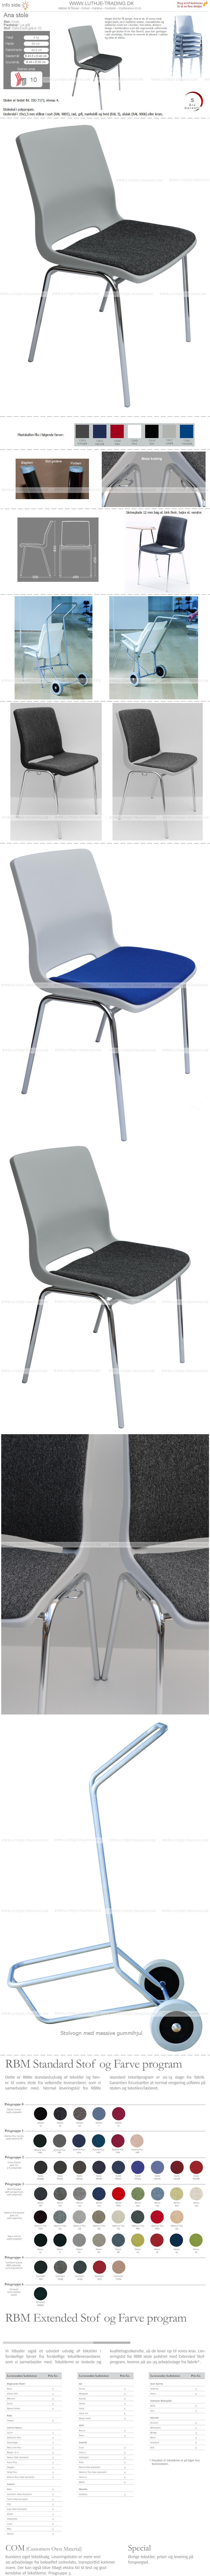 Ana stol krom-grå-stofsæde 33